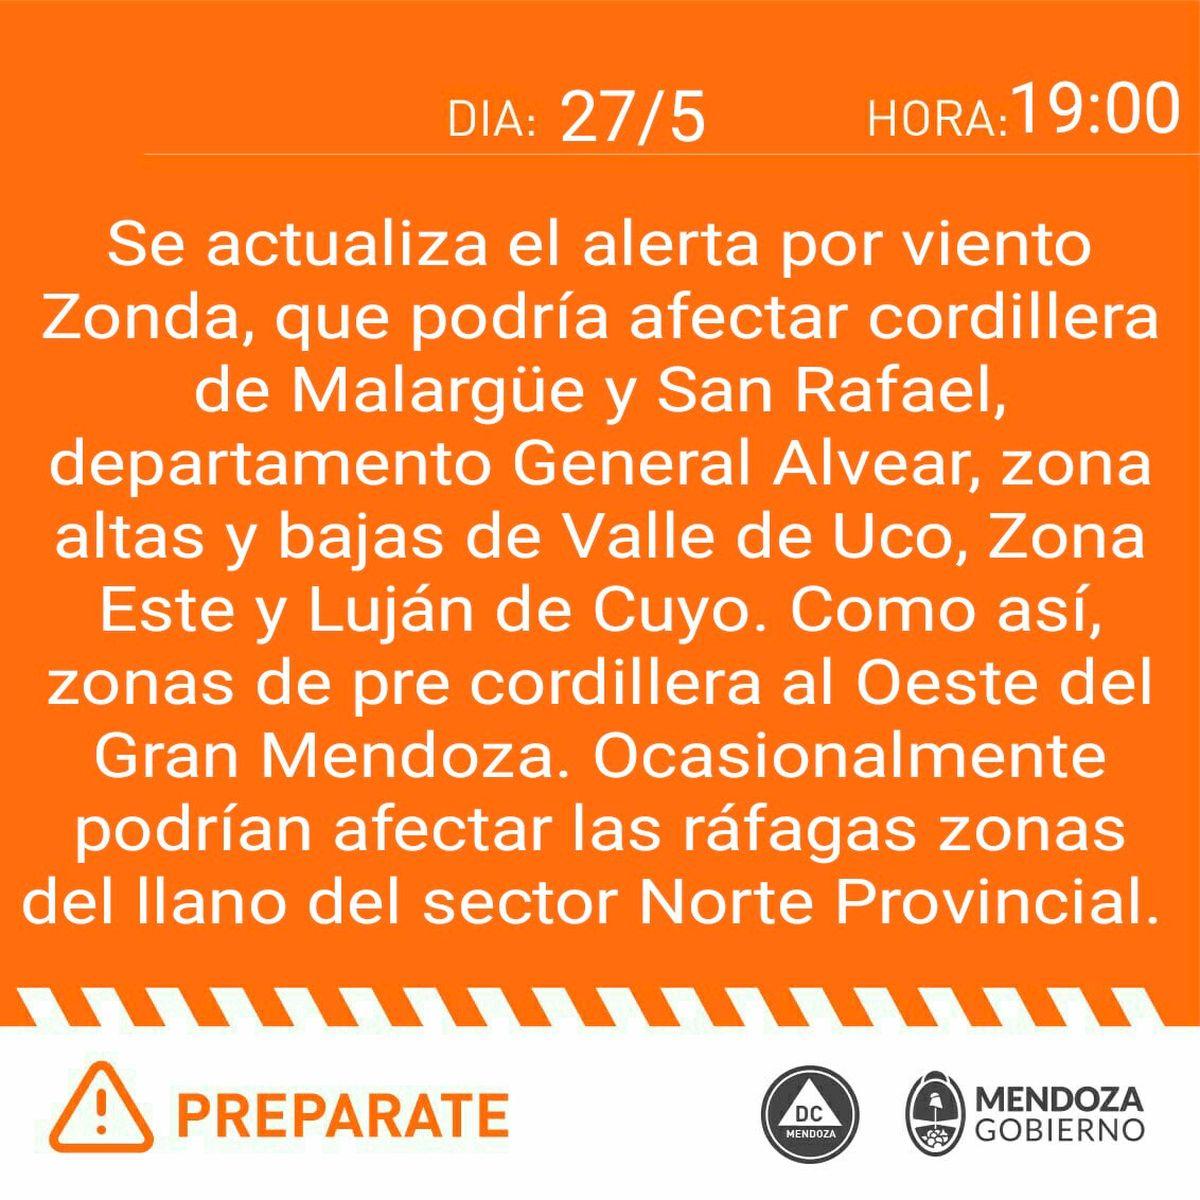 Alerta naranja por viento Zonda: hay más zonas afectadas